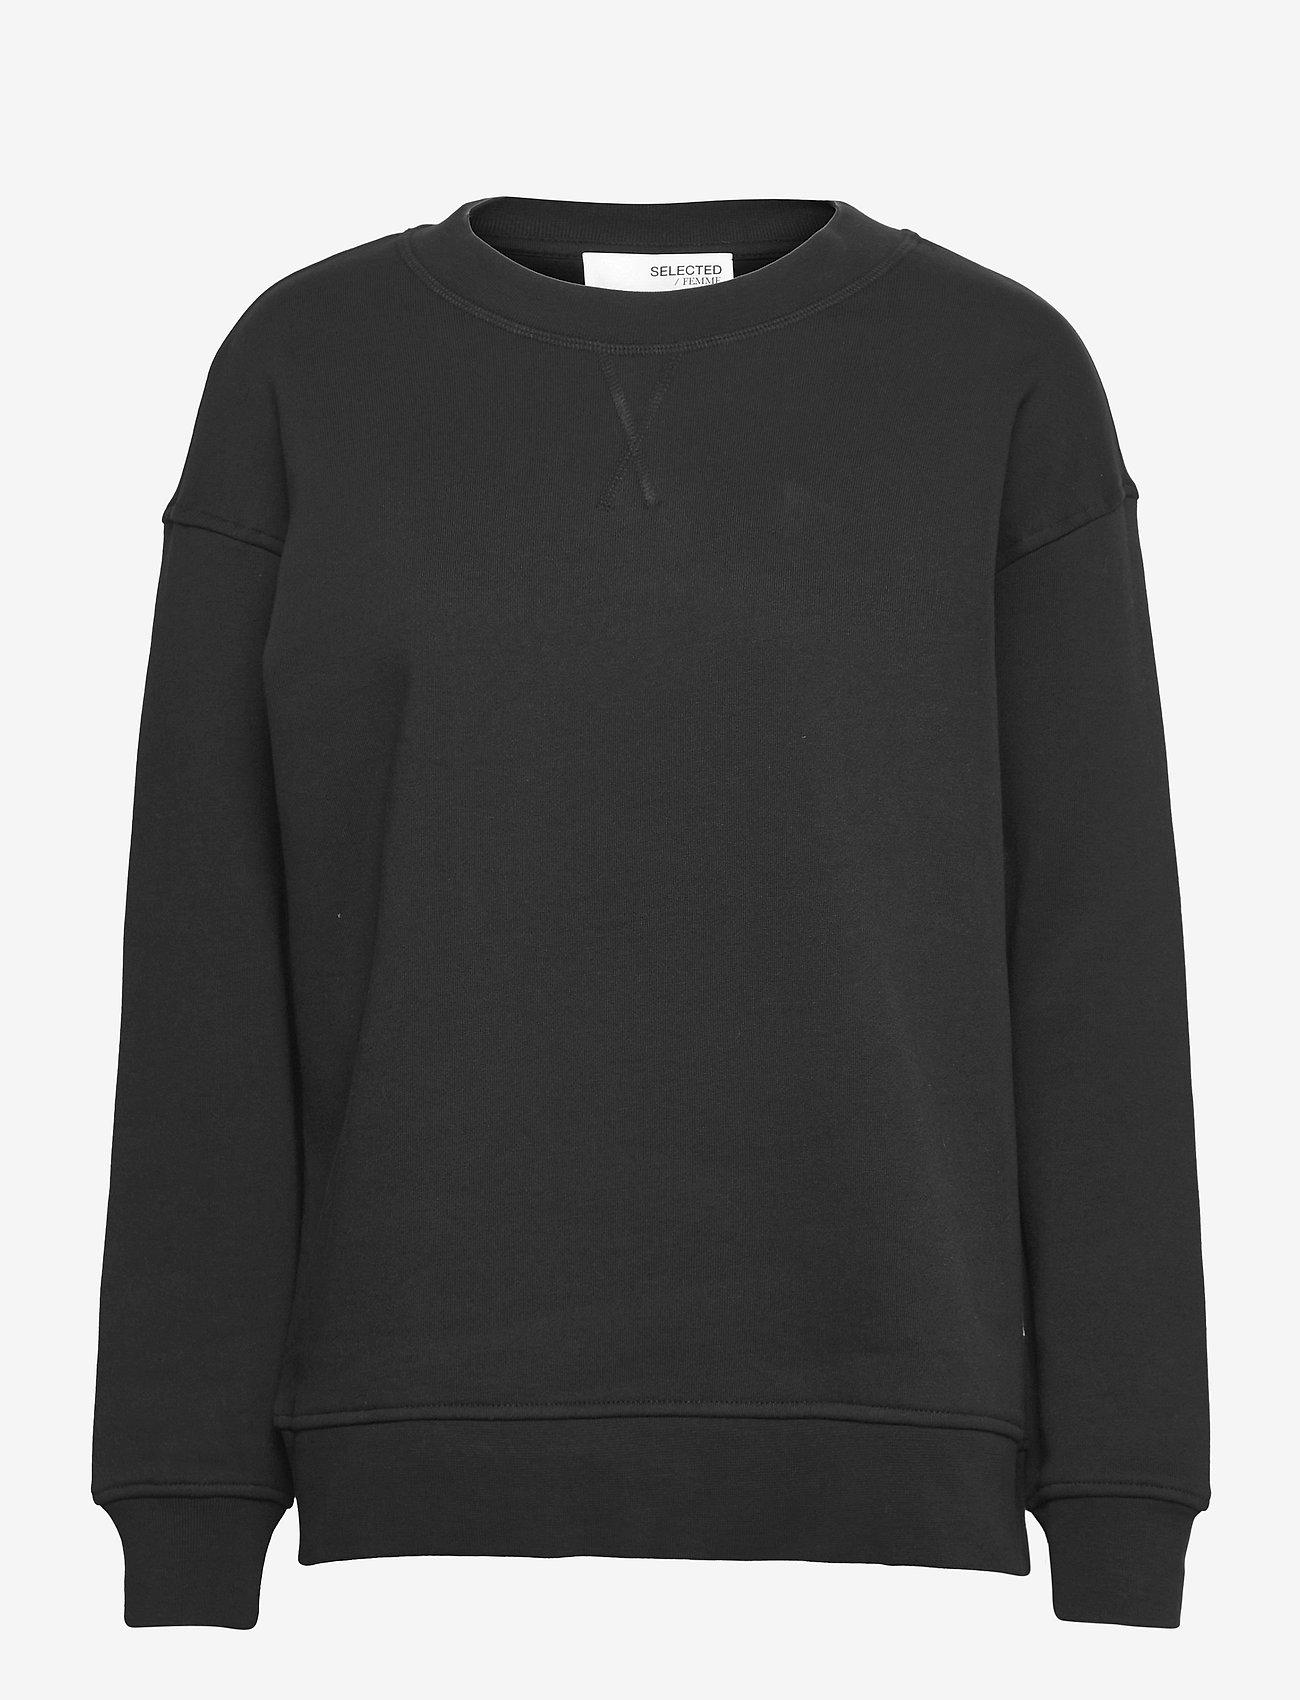 Selected Femme - SLFSTASIE LS SWEAT - sweatshirts & hoodies - black - 0